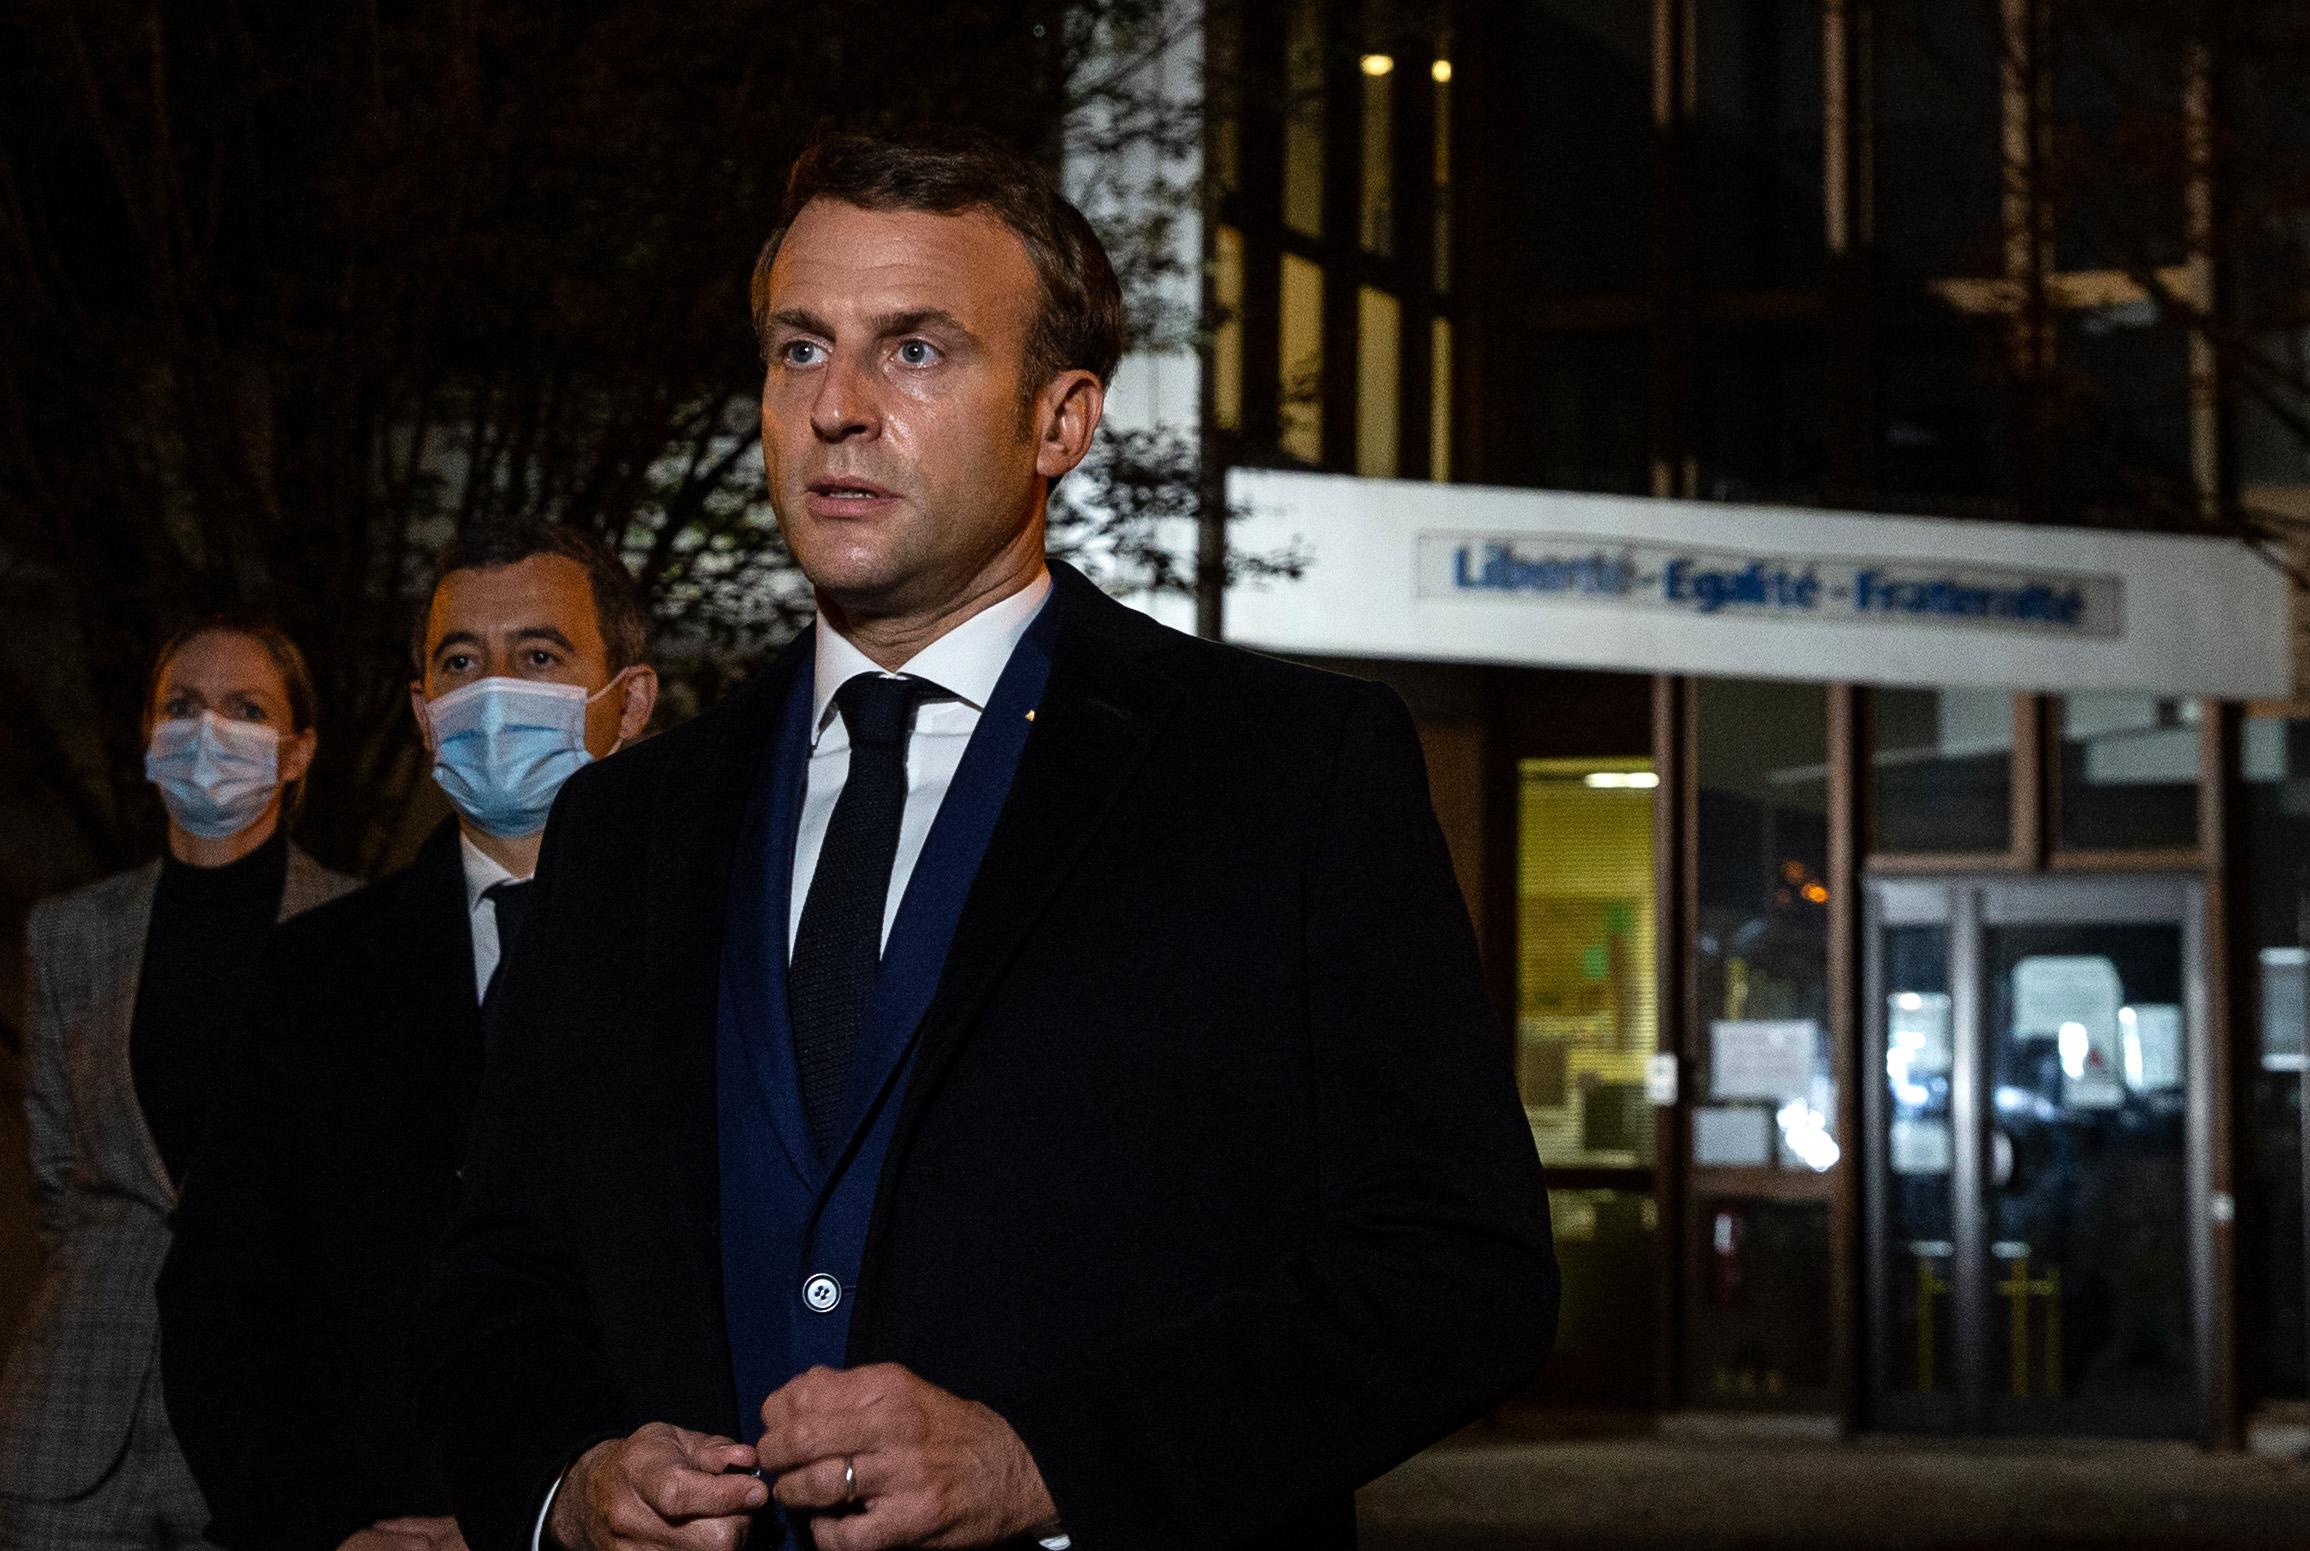 Több közel-keleti ország is bojkottálta a francia termékeket, miután Macron kiállt a Mohamed-karikatúrák mellett